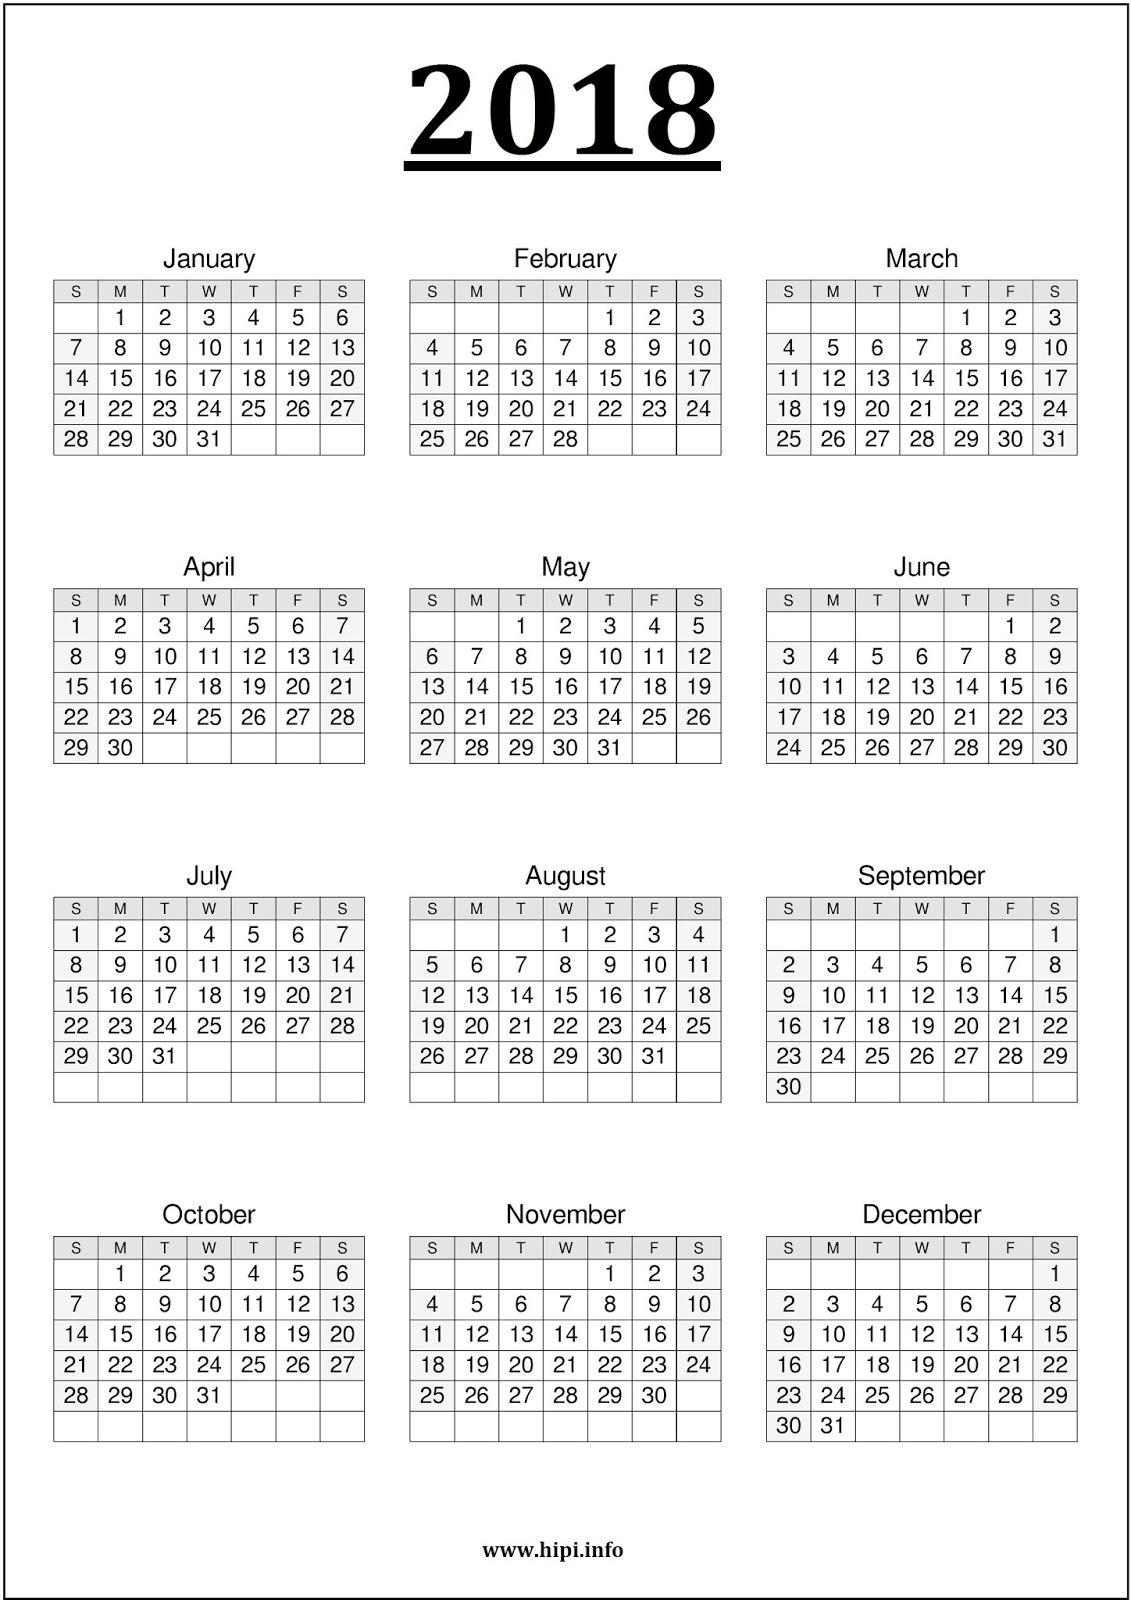 Printable Calendar 2018 All On One Page | Printable Calendar